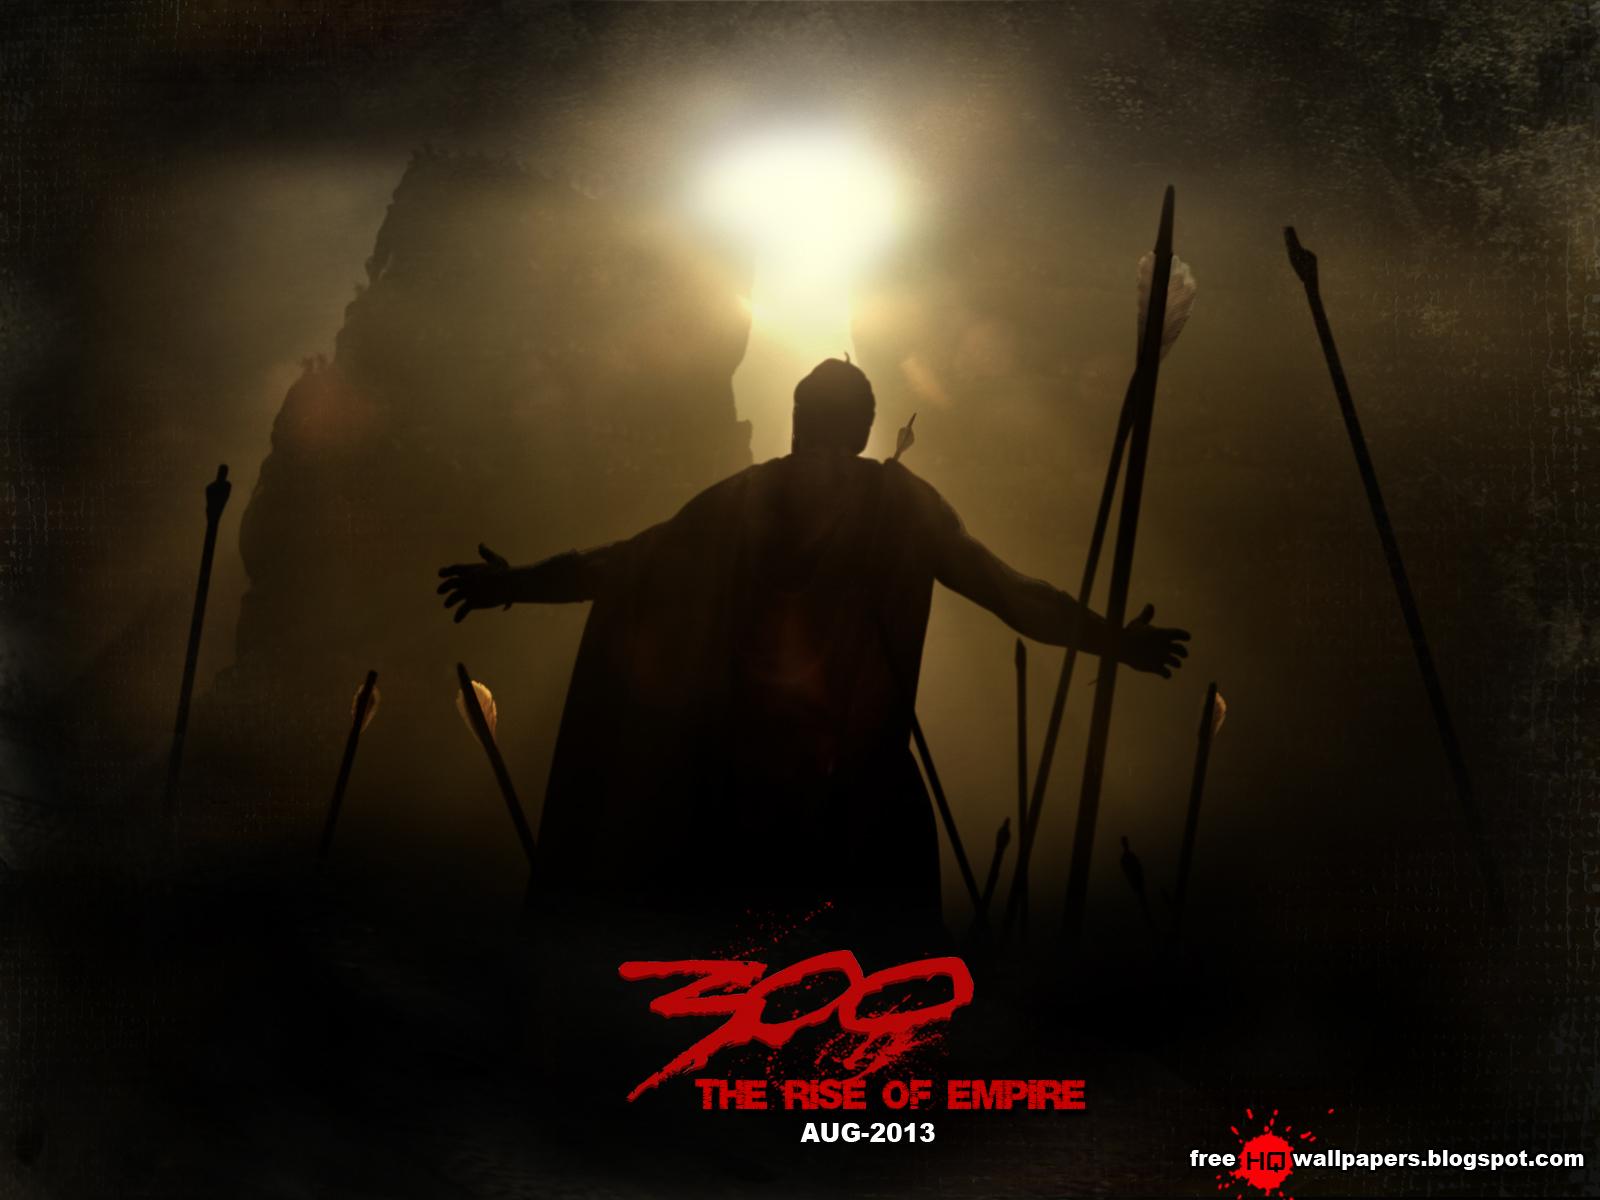 http://4.bp.blogspot.com/-wlzjyiXyw7c/URpL3DUOIUI/AAAAAAAACkQ/9ZsiQUic8Tg/s1600/300+Rise+of+an+Empire+2013+HD+Wallpapers+%7Bfreehqwallpapers.blogspot.com%7D.jpg